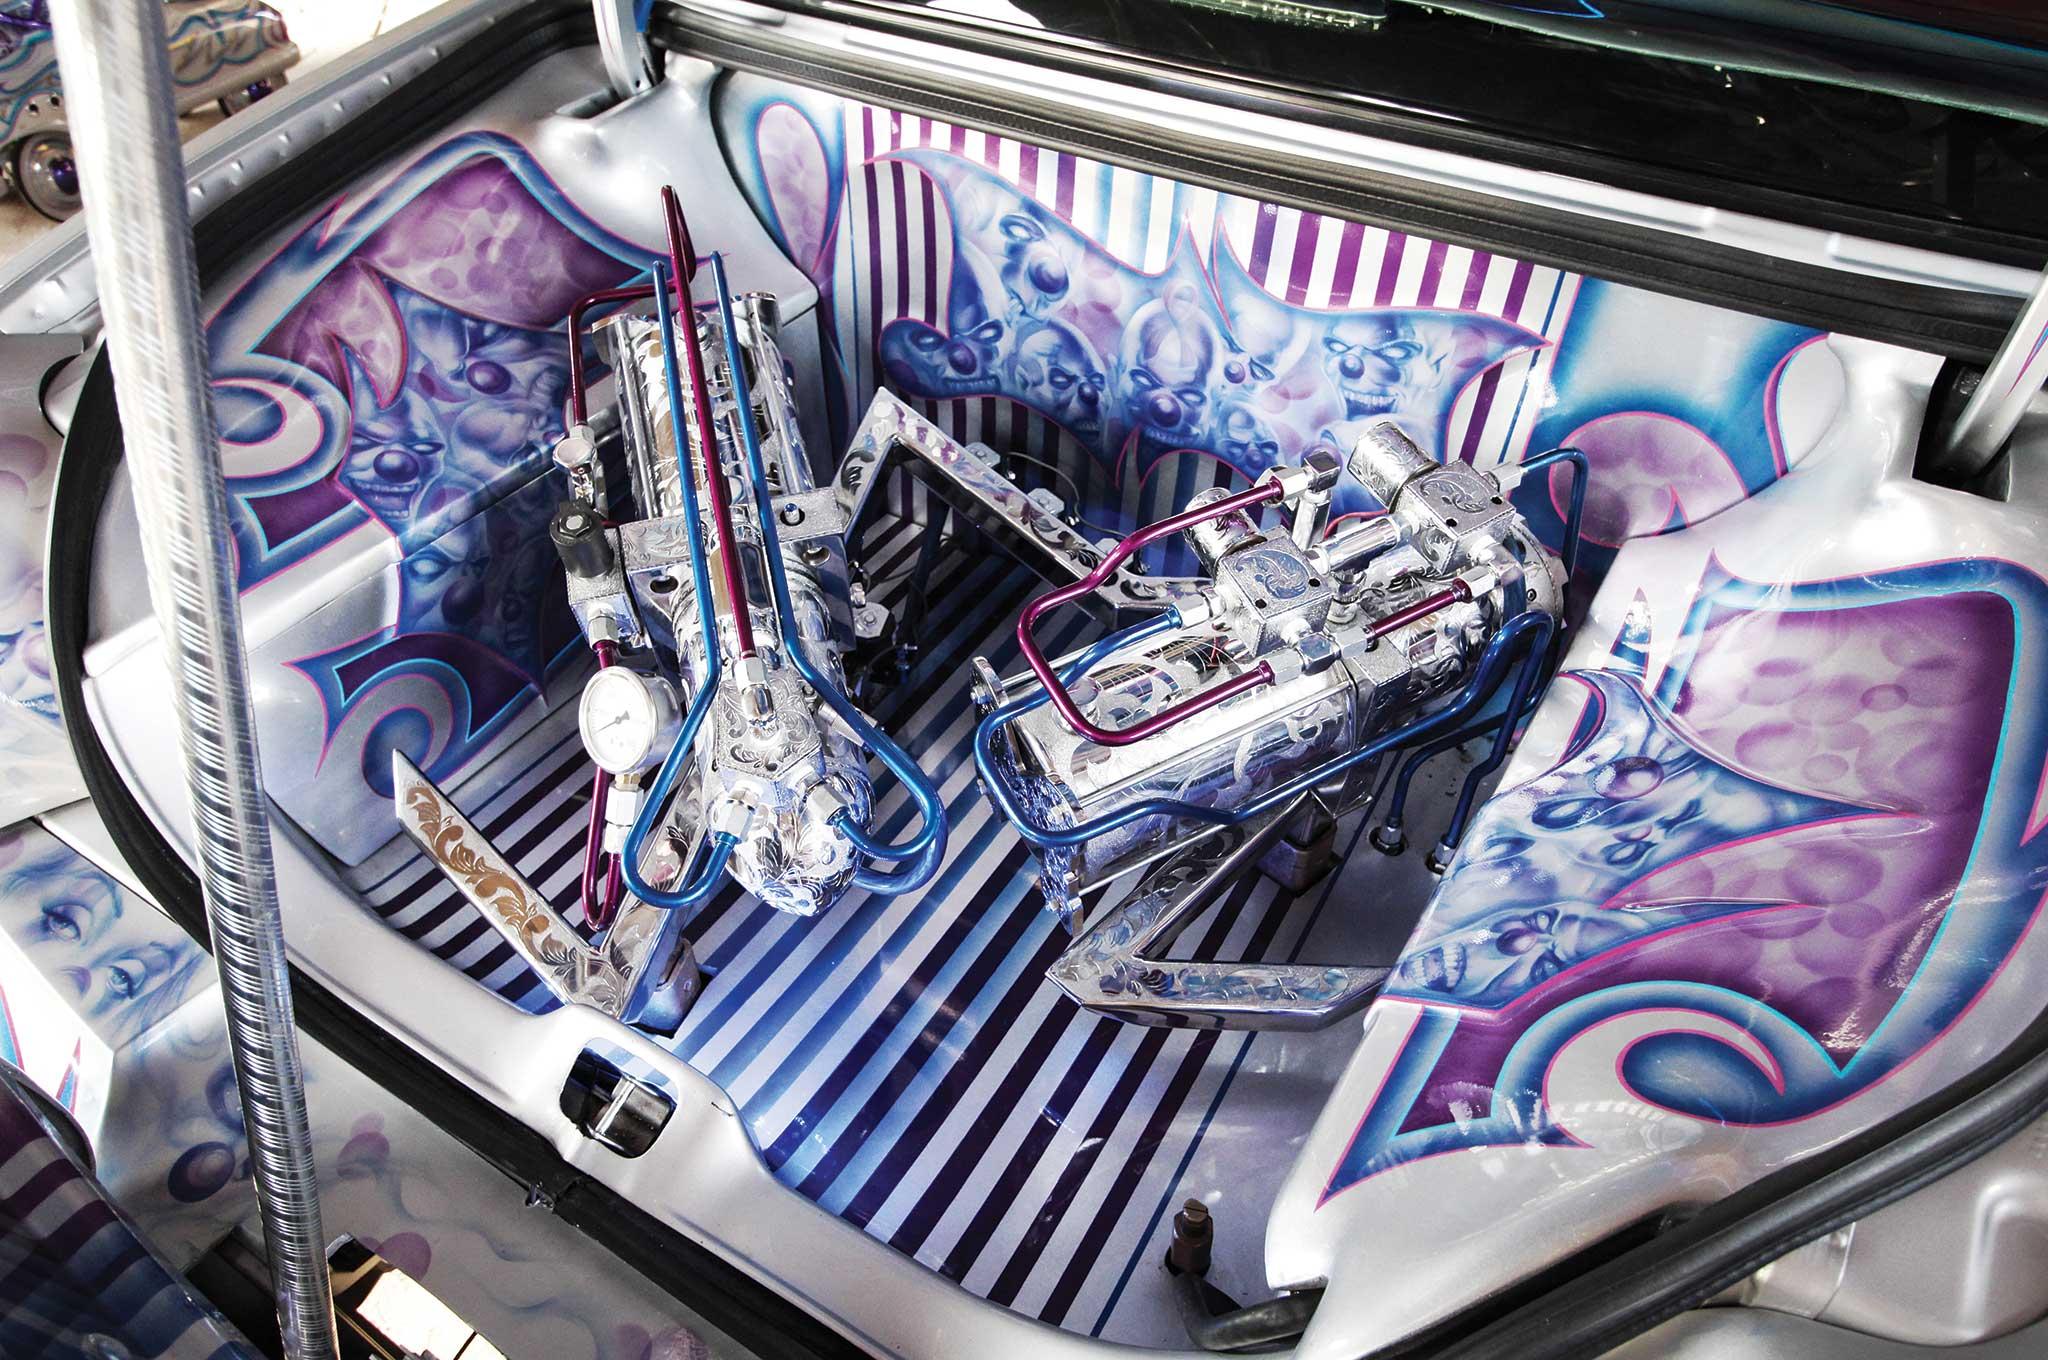 007 1999 lincoln town car black magic hydraulic pumps